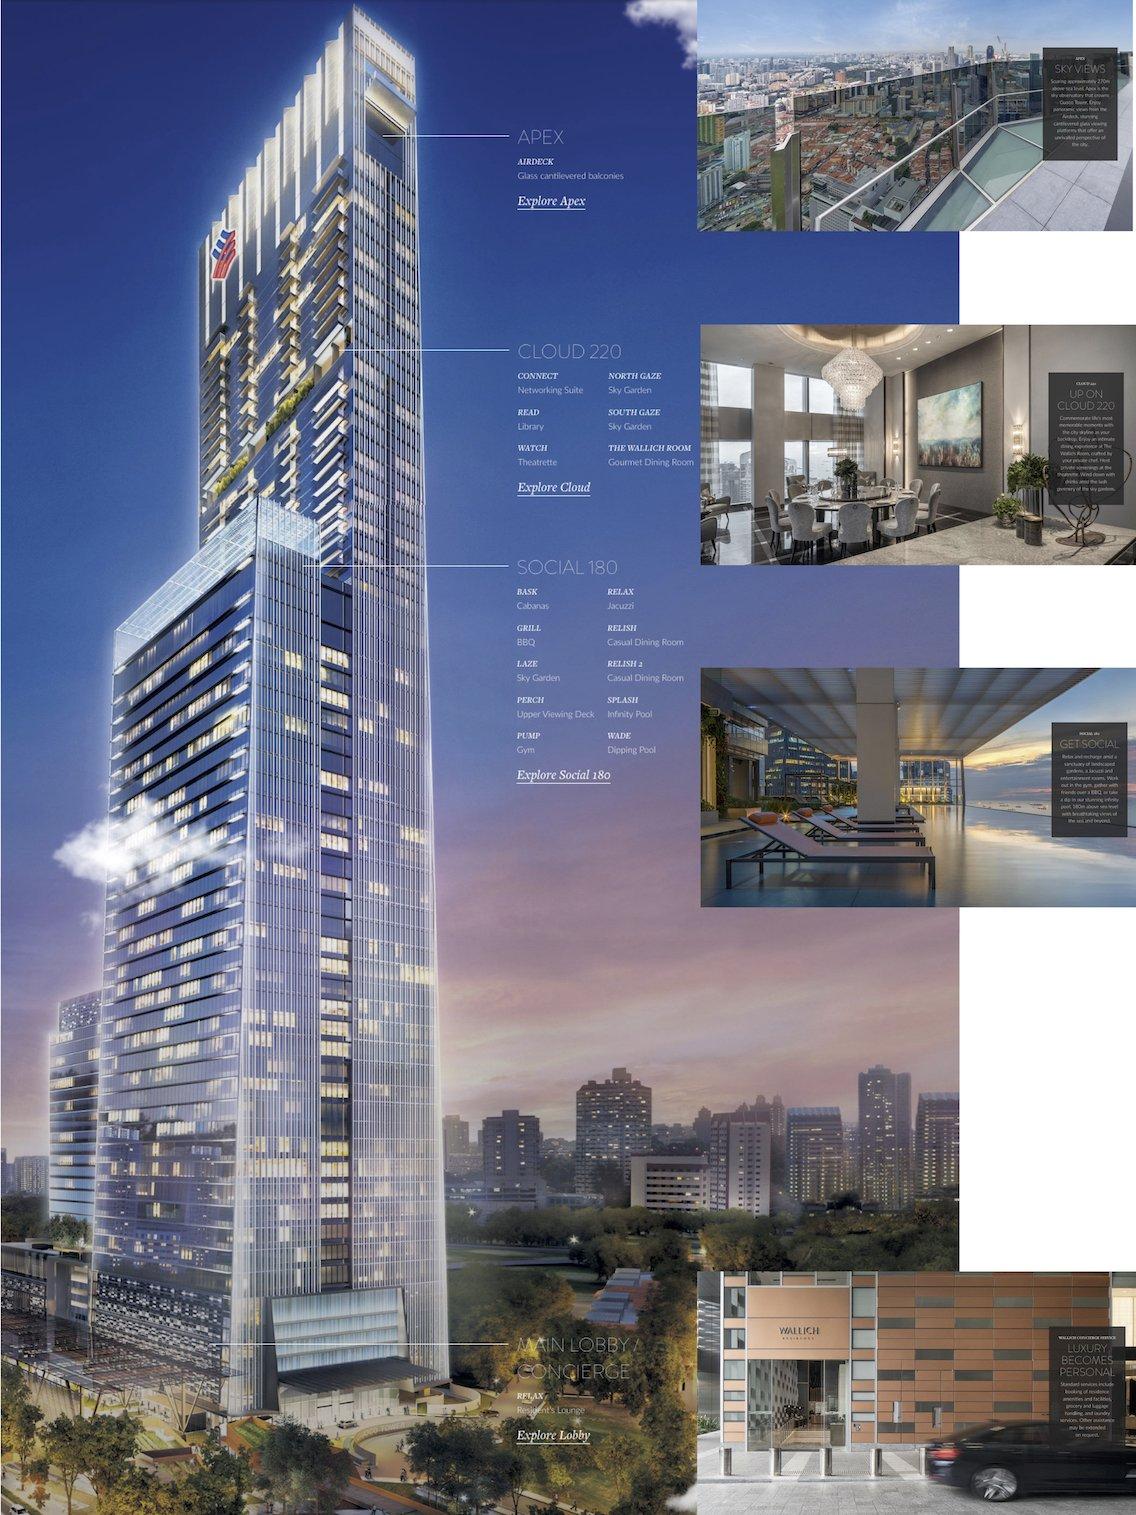 wallich residence condo vertical facilities